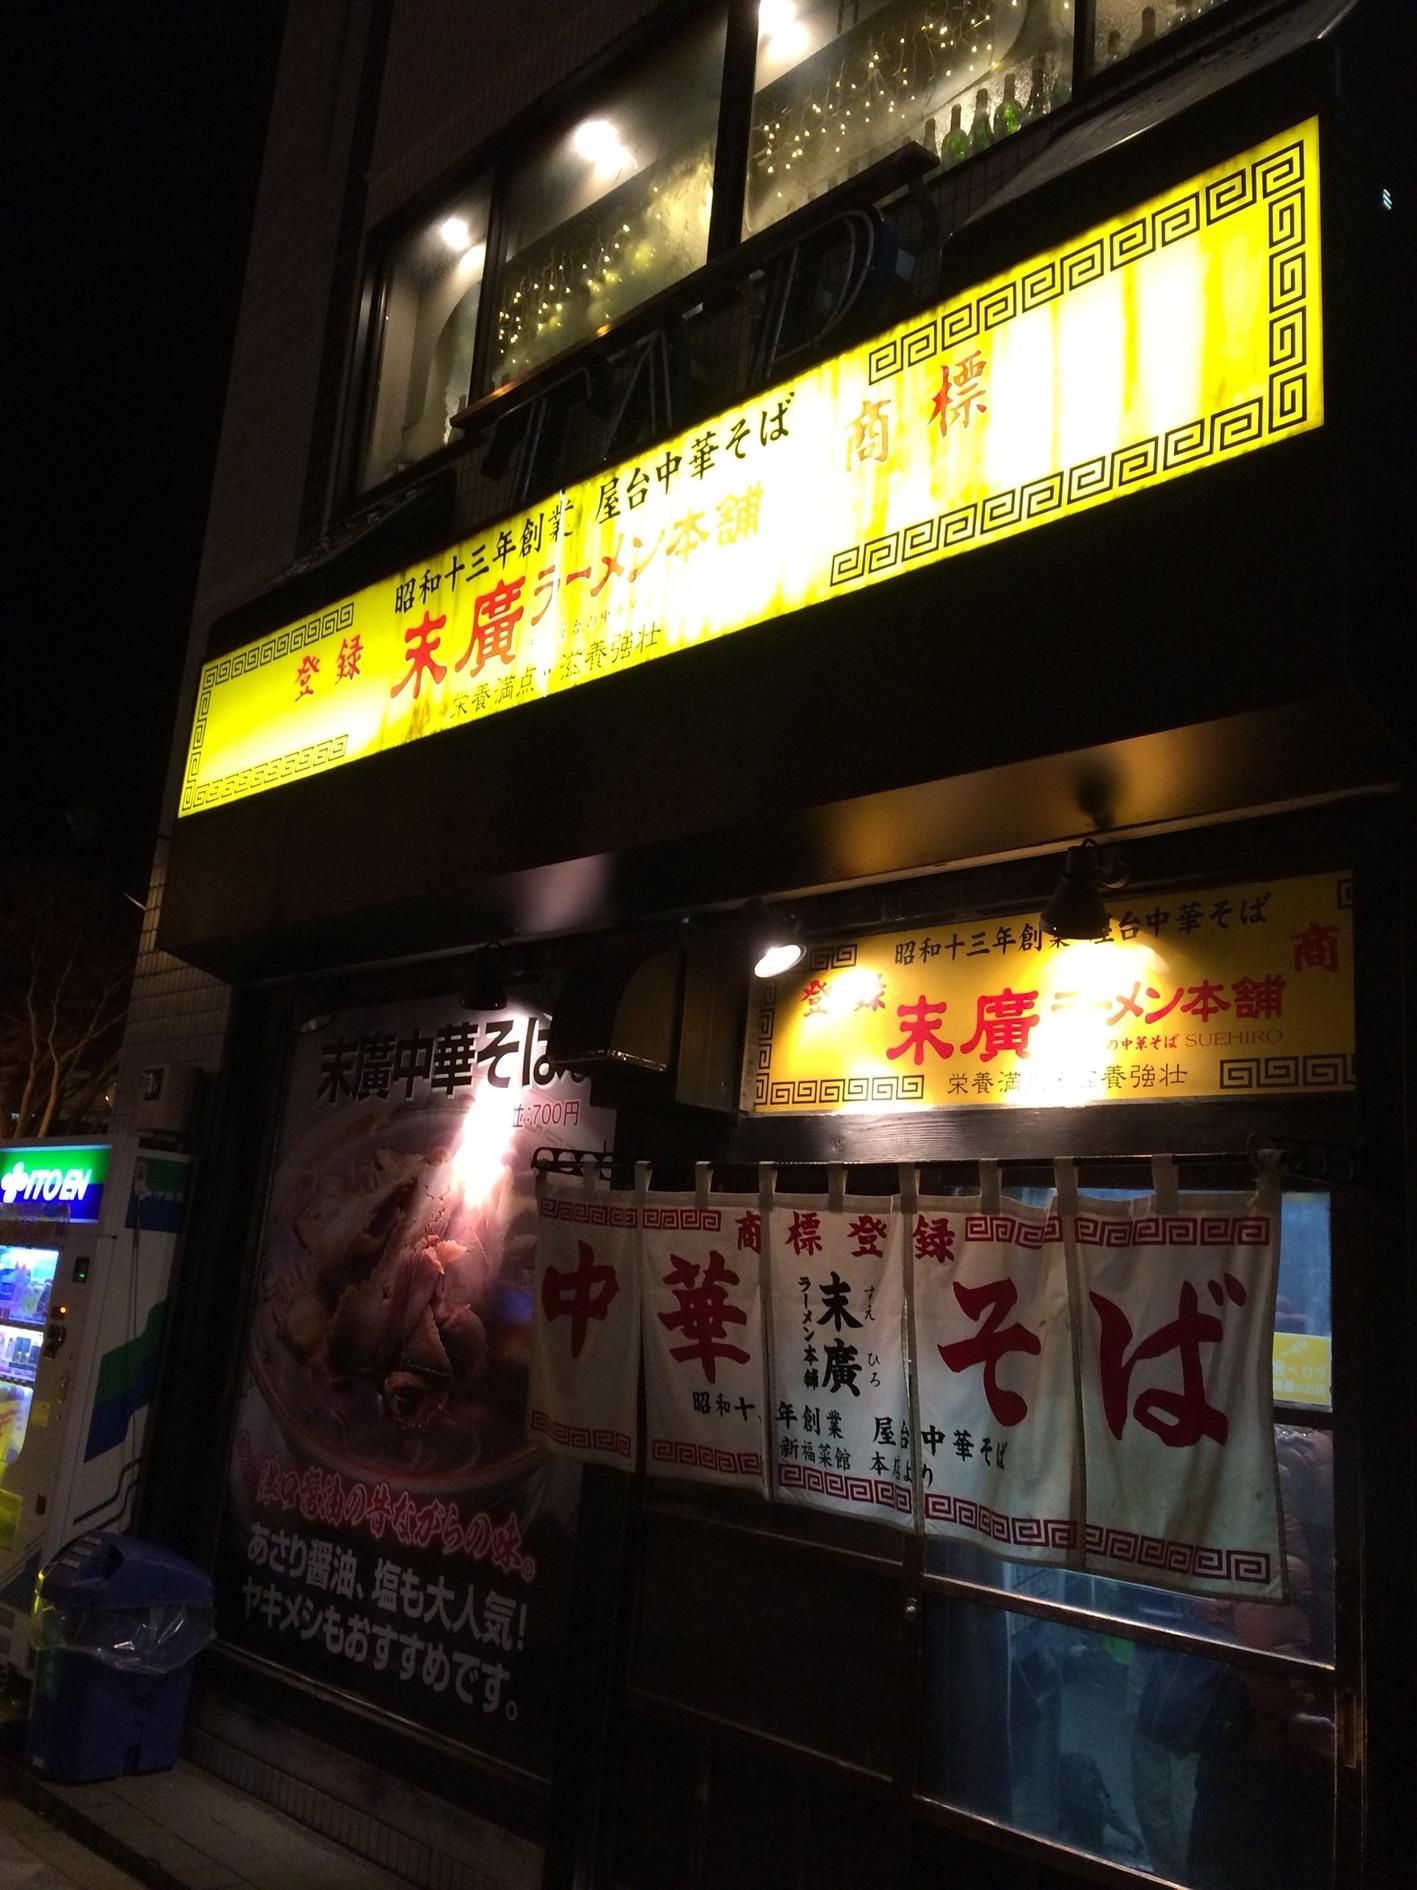 末廣ラーメン本舗 青森分店 name=